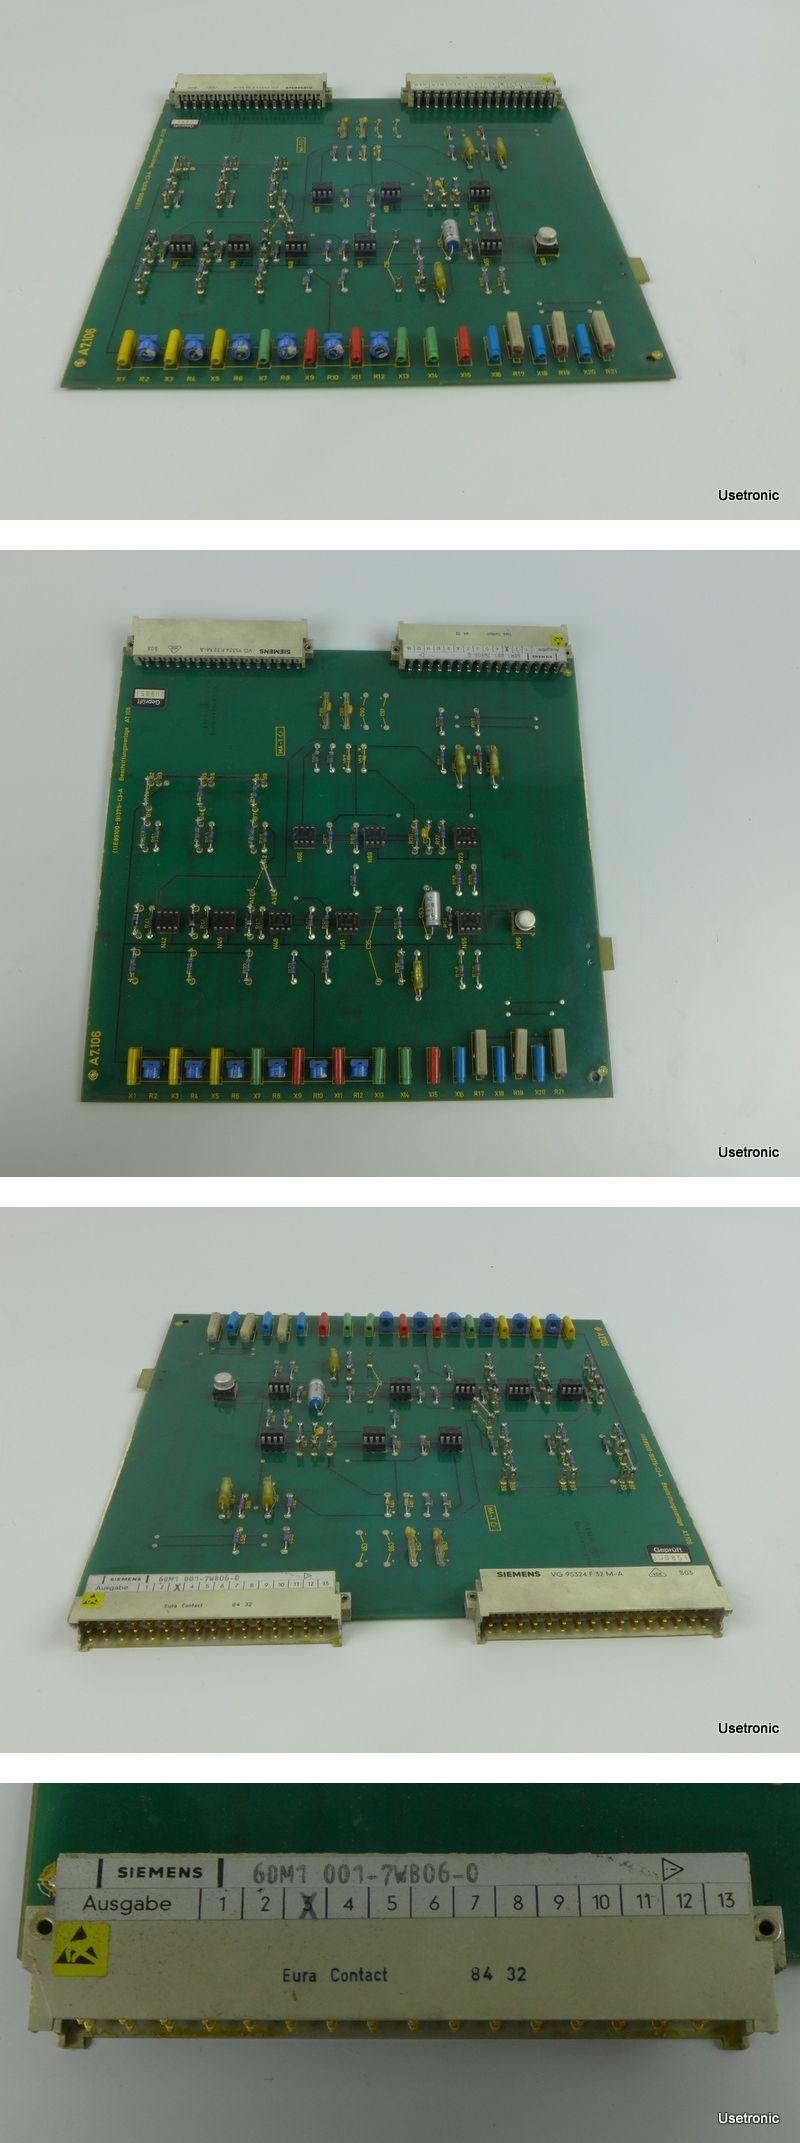 Siemens 6DM1001-7WB06-0